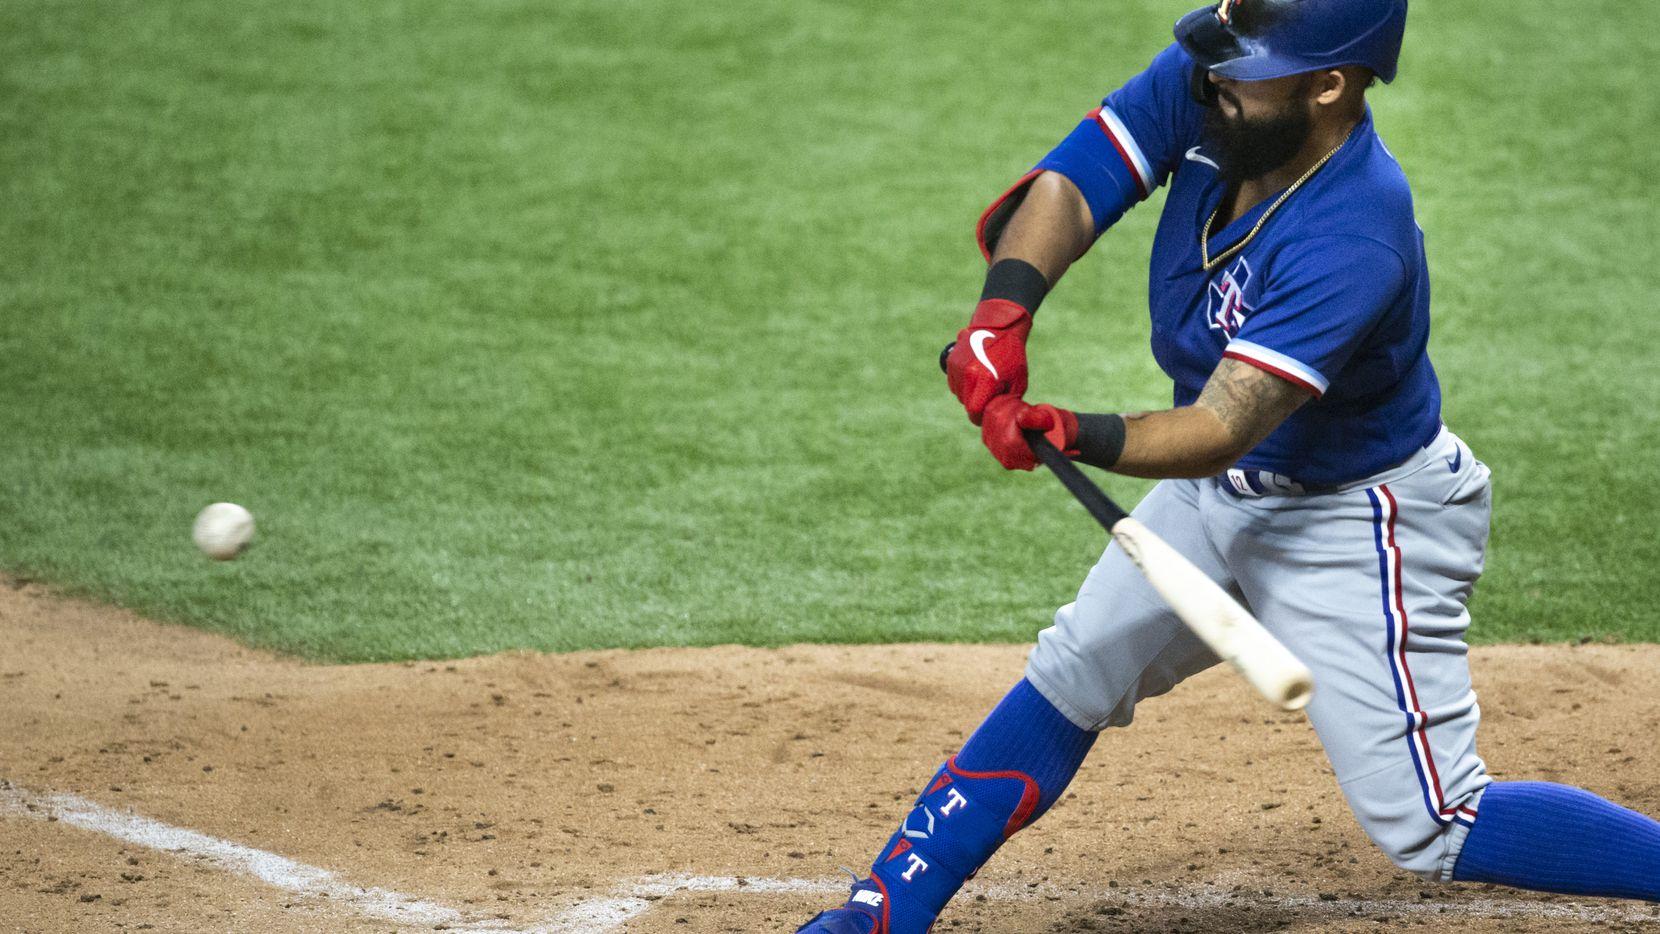 El jugador de los Texas Rangers, Rougned Odor, conecta un lanzamiento durante un juego interescuadras realizado en el Globe Life Field, el 19 de julio de 2020.